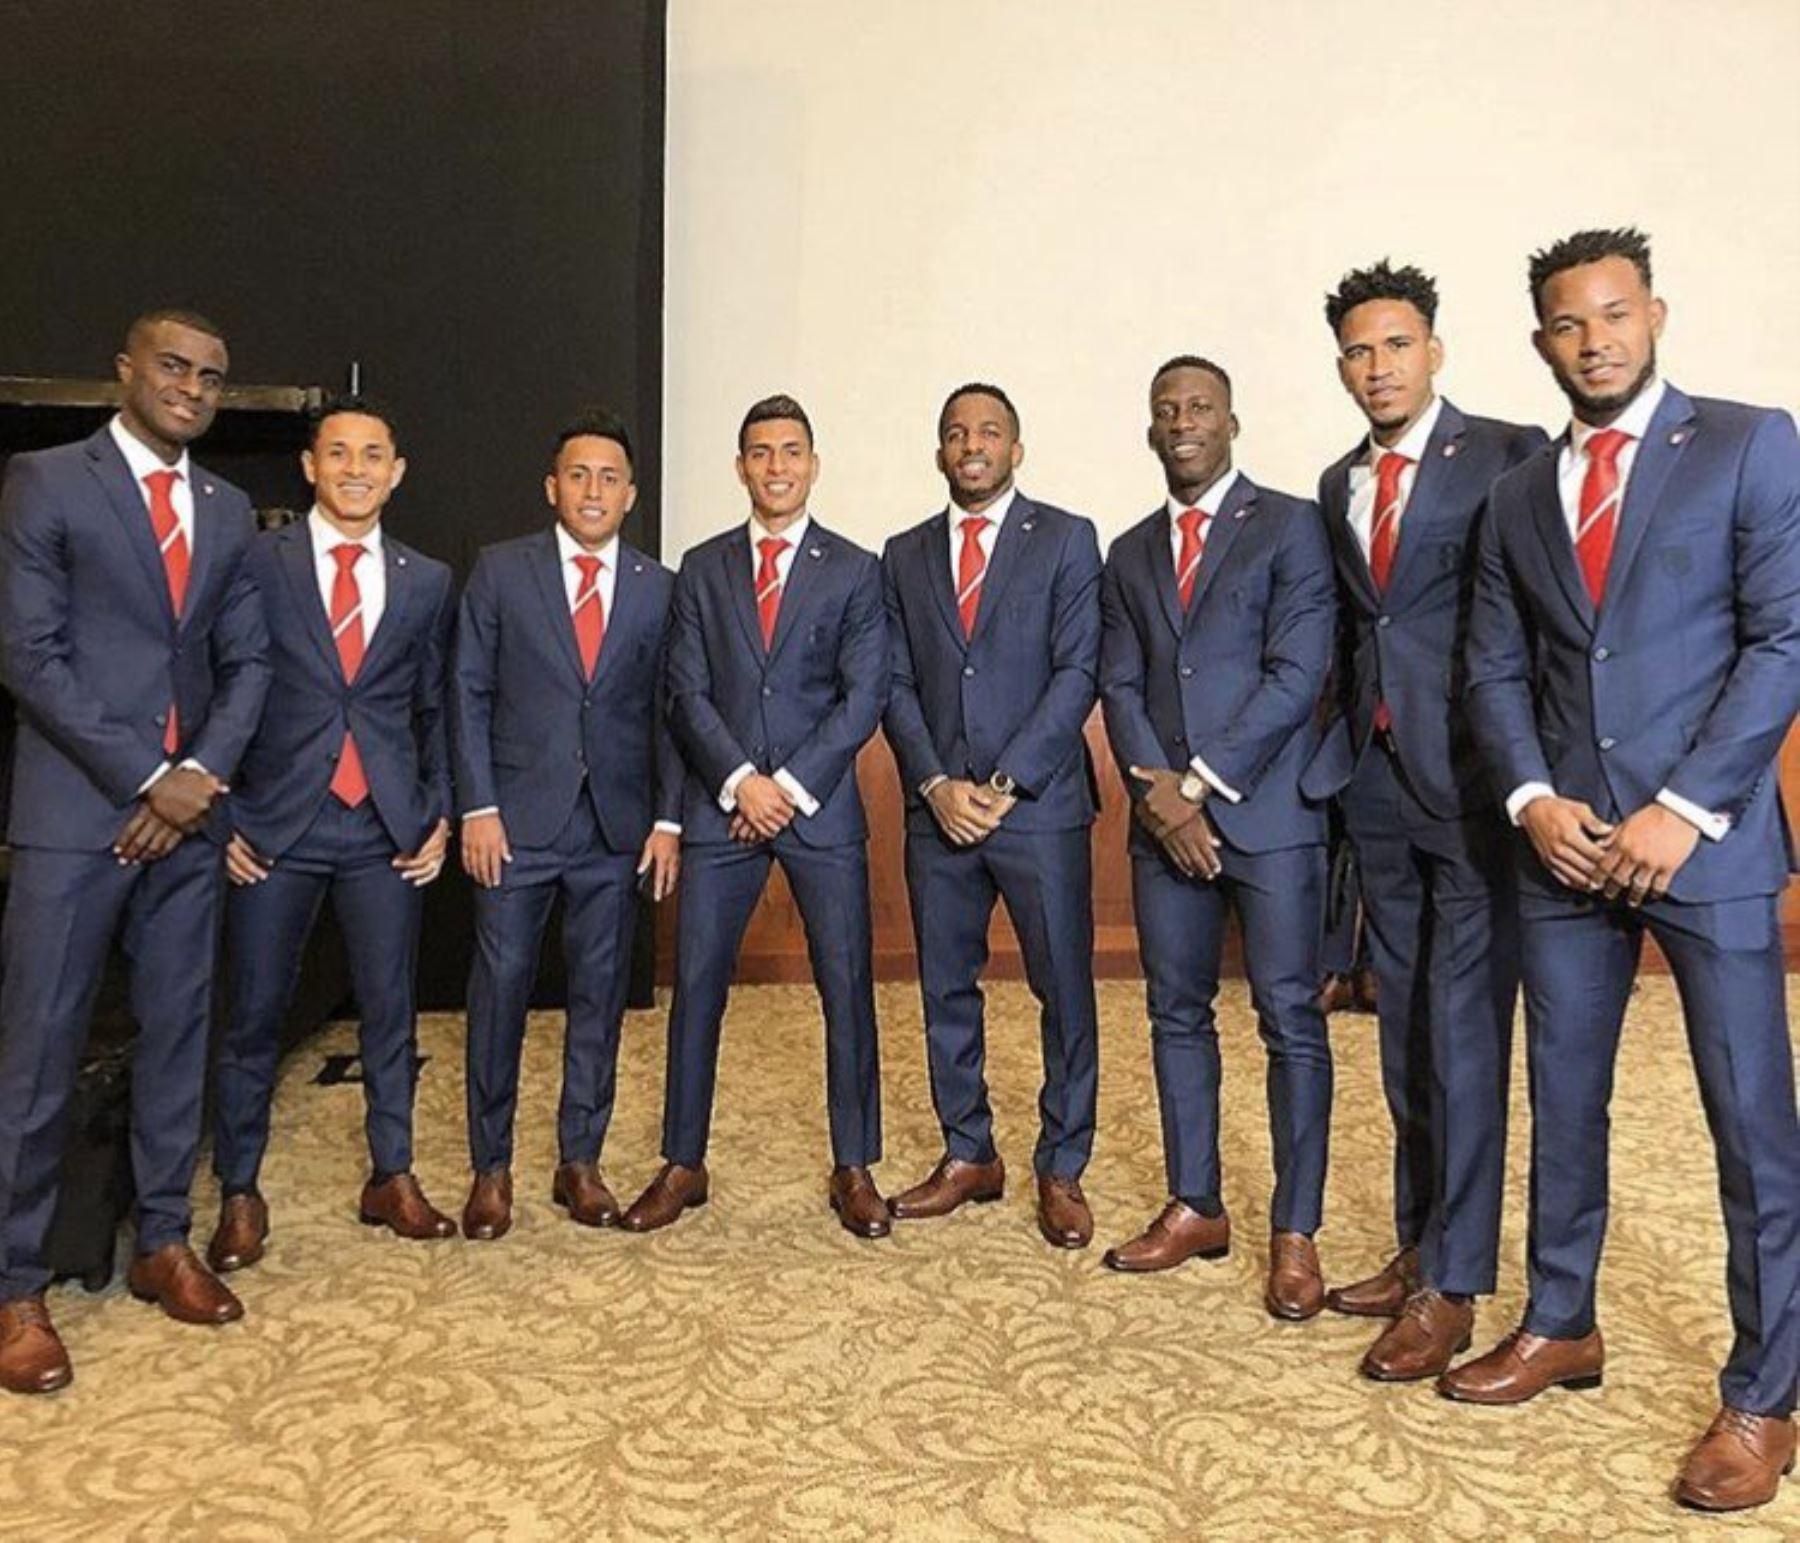 Elegante Vea Jugadores Que La Vestirán Peruana Ropa Selección Los A14qwnIF5x